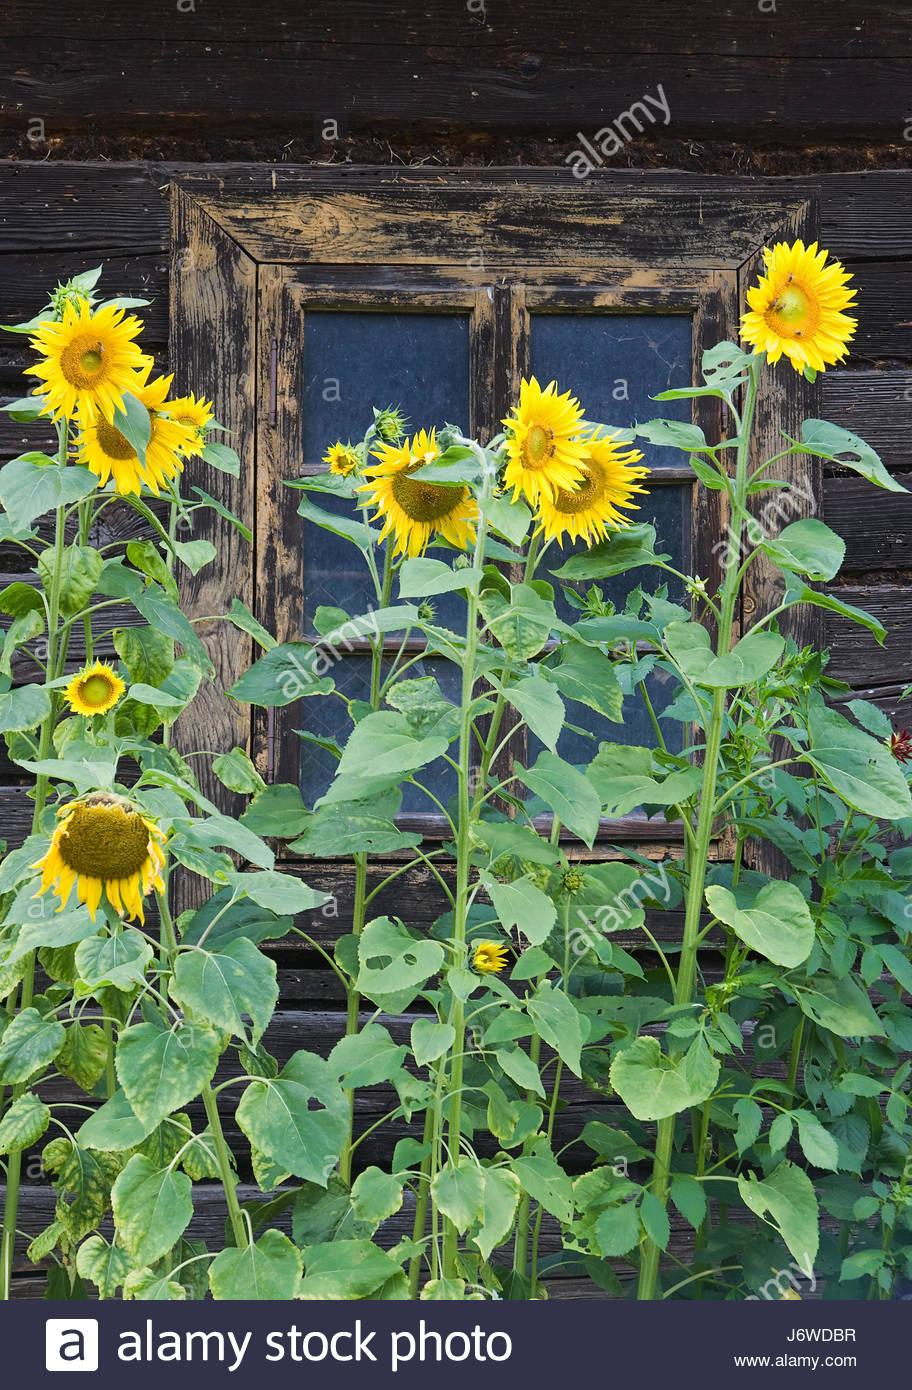 garden flower plant sunflower cottage country cabin windows window garden - Stock Image